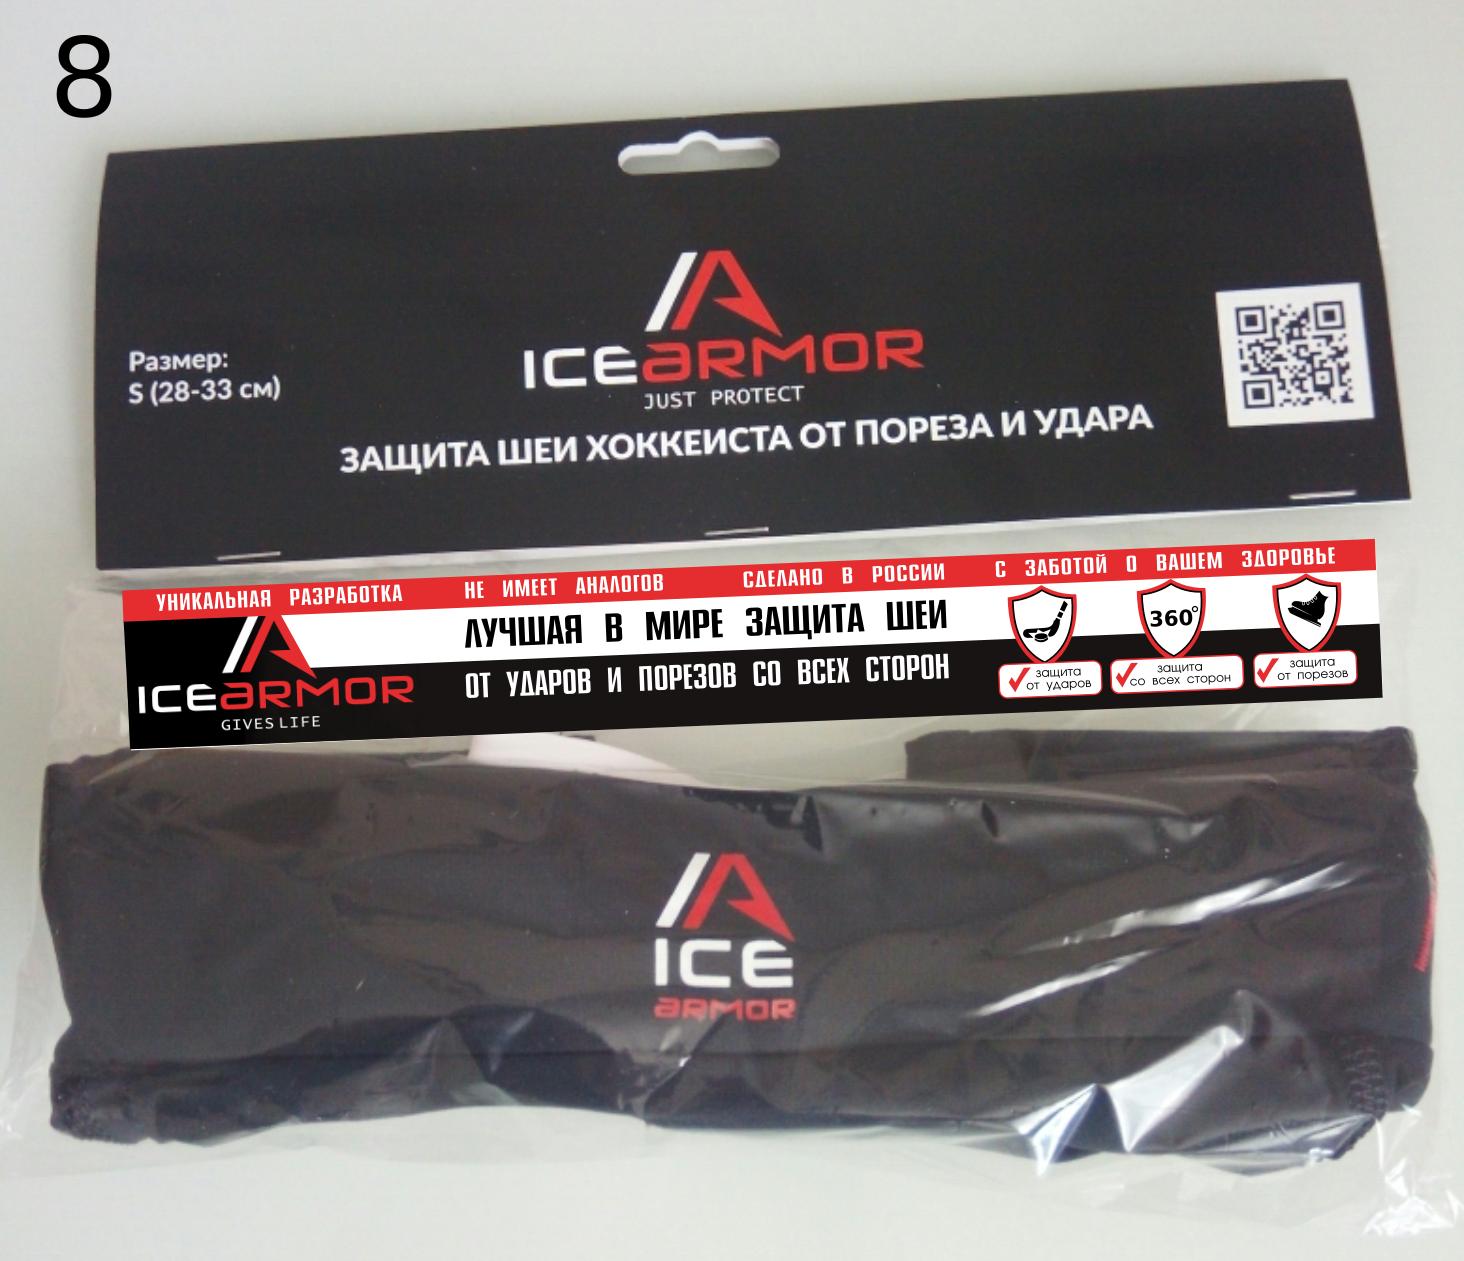 Дизайн продающей наклейки на упаковку уникального продукта фото f_0825b2357b20deb0.png